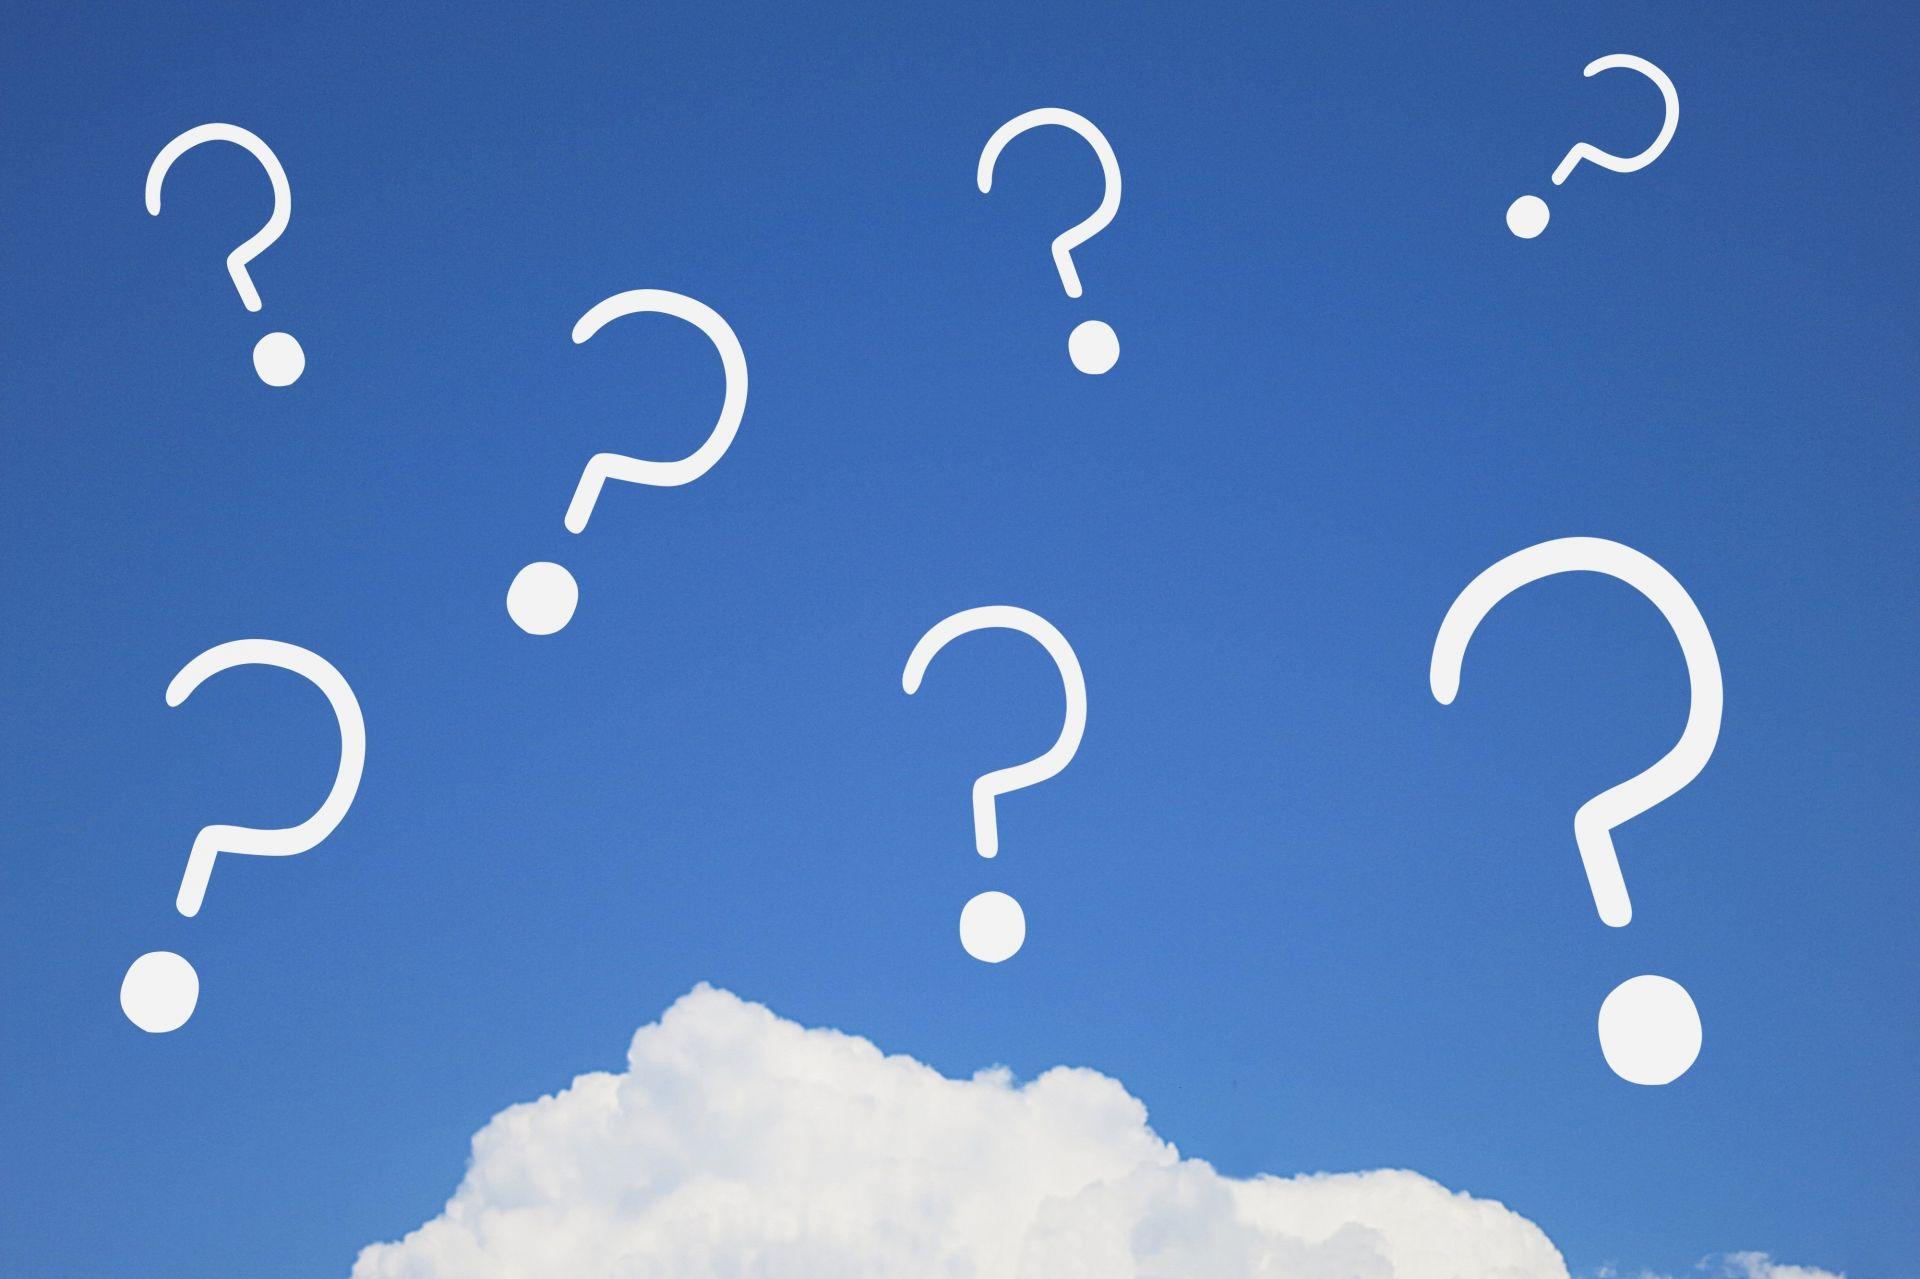 エンジニアやデザイナーの採用面談時によく聞かれる質問(と回答)